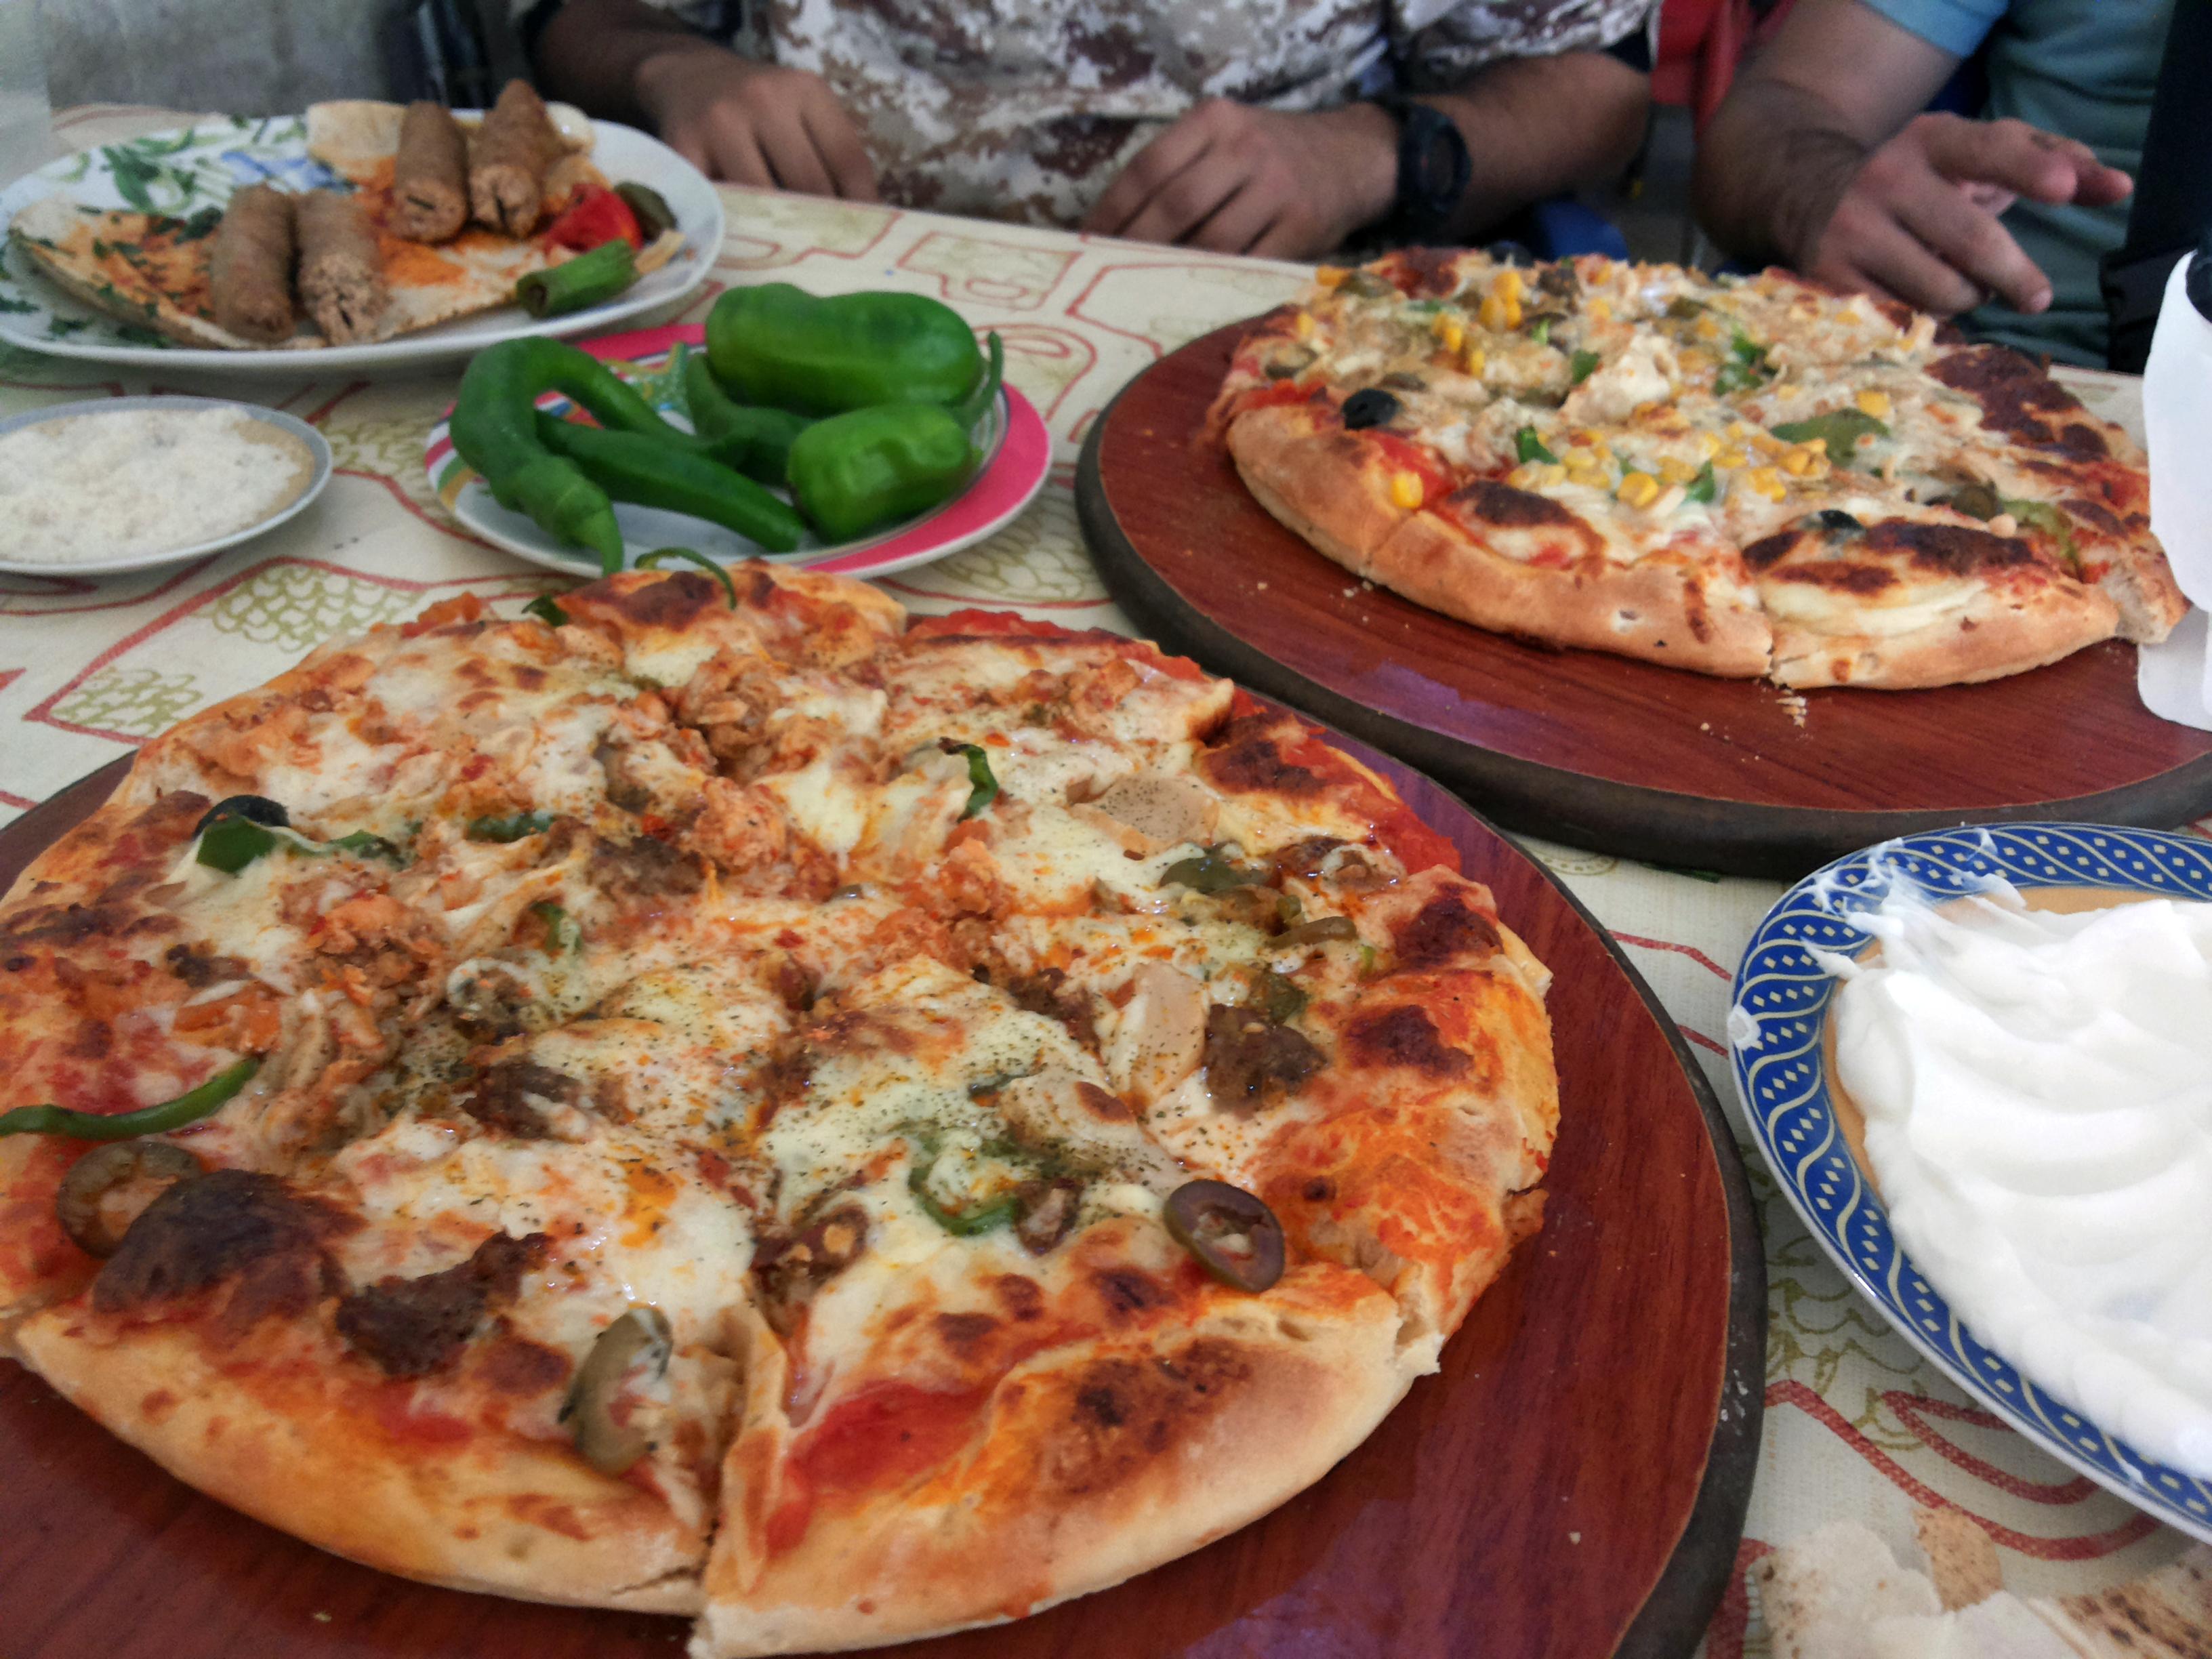 لا يوفر السياح المجاهدون متعة تناول الأطعمة الغربية والشرقية في وقت واحد (خاص الغربال- زاهر سواس)